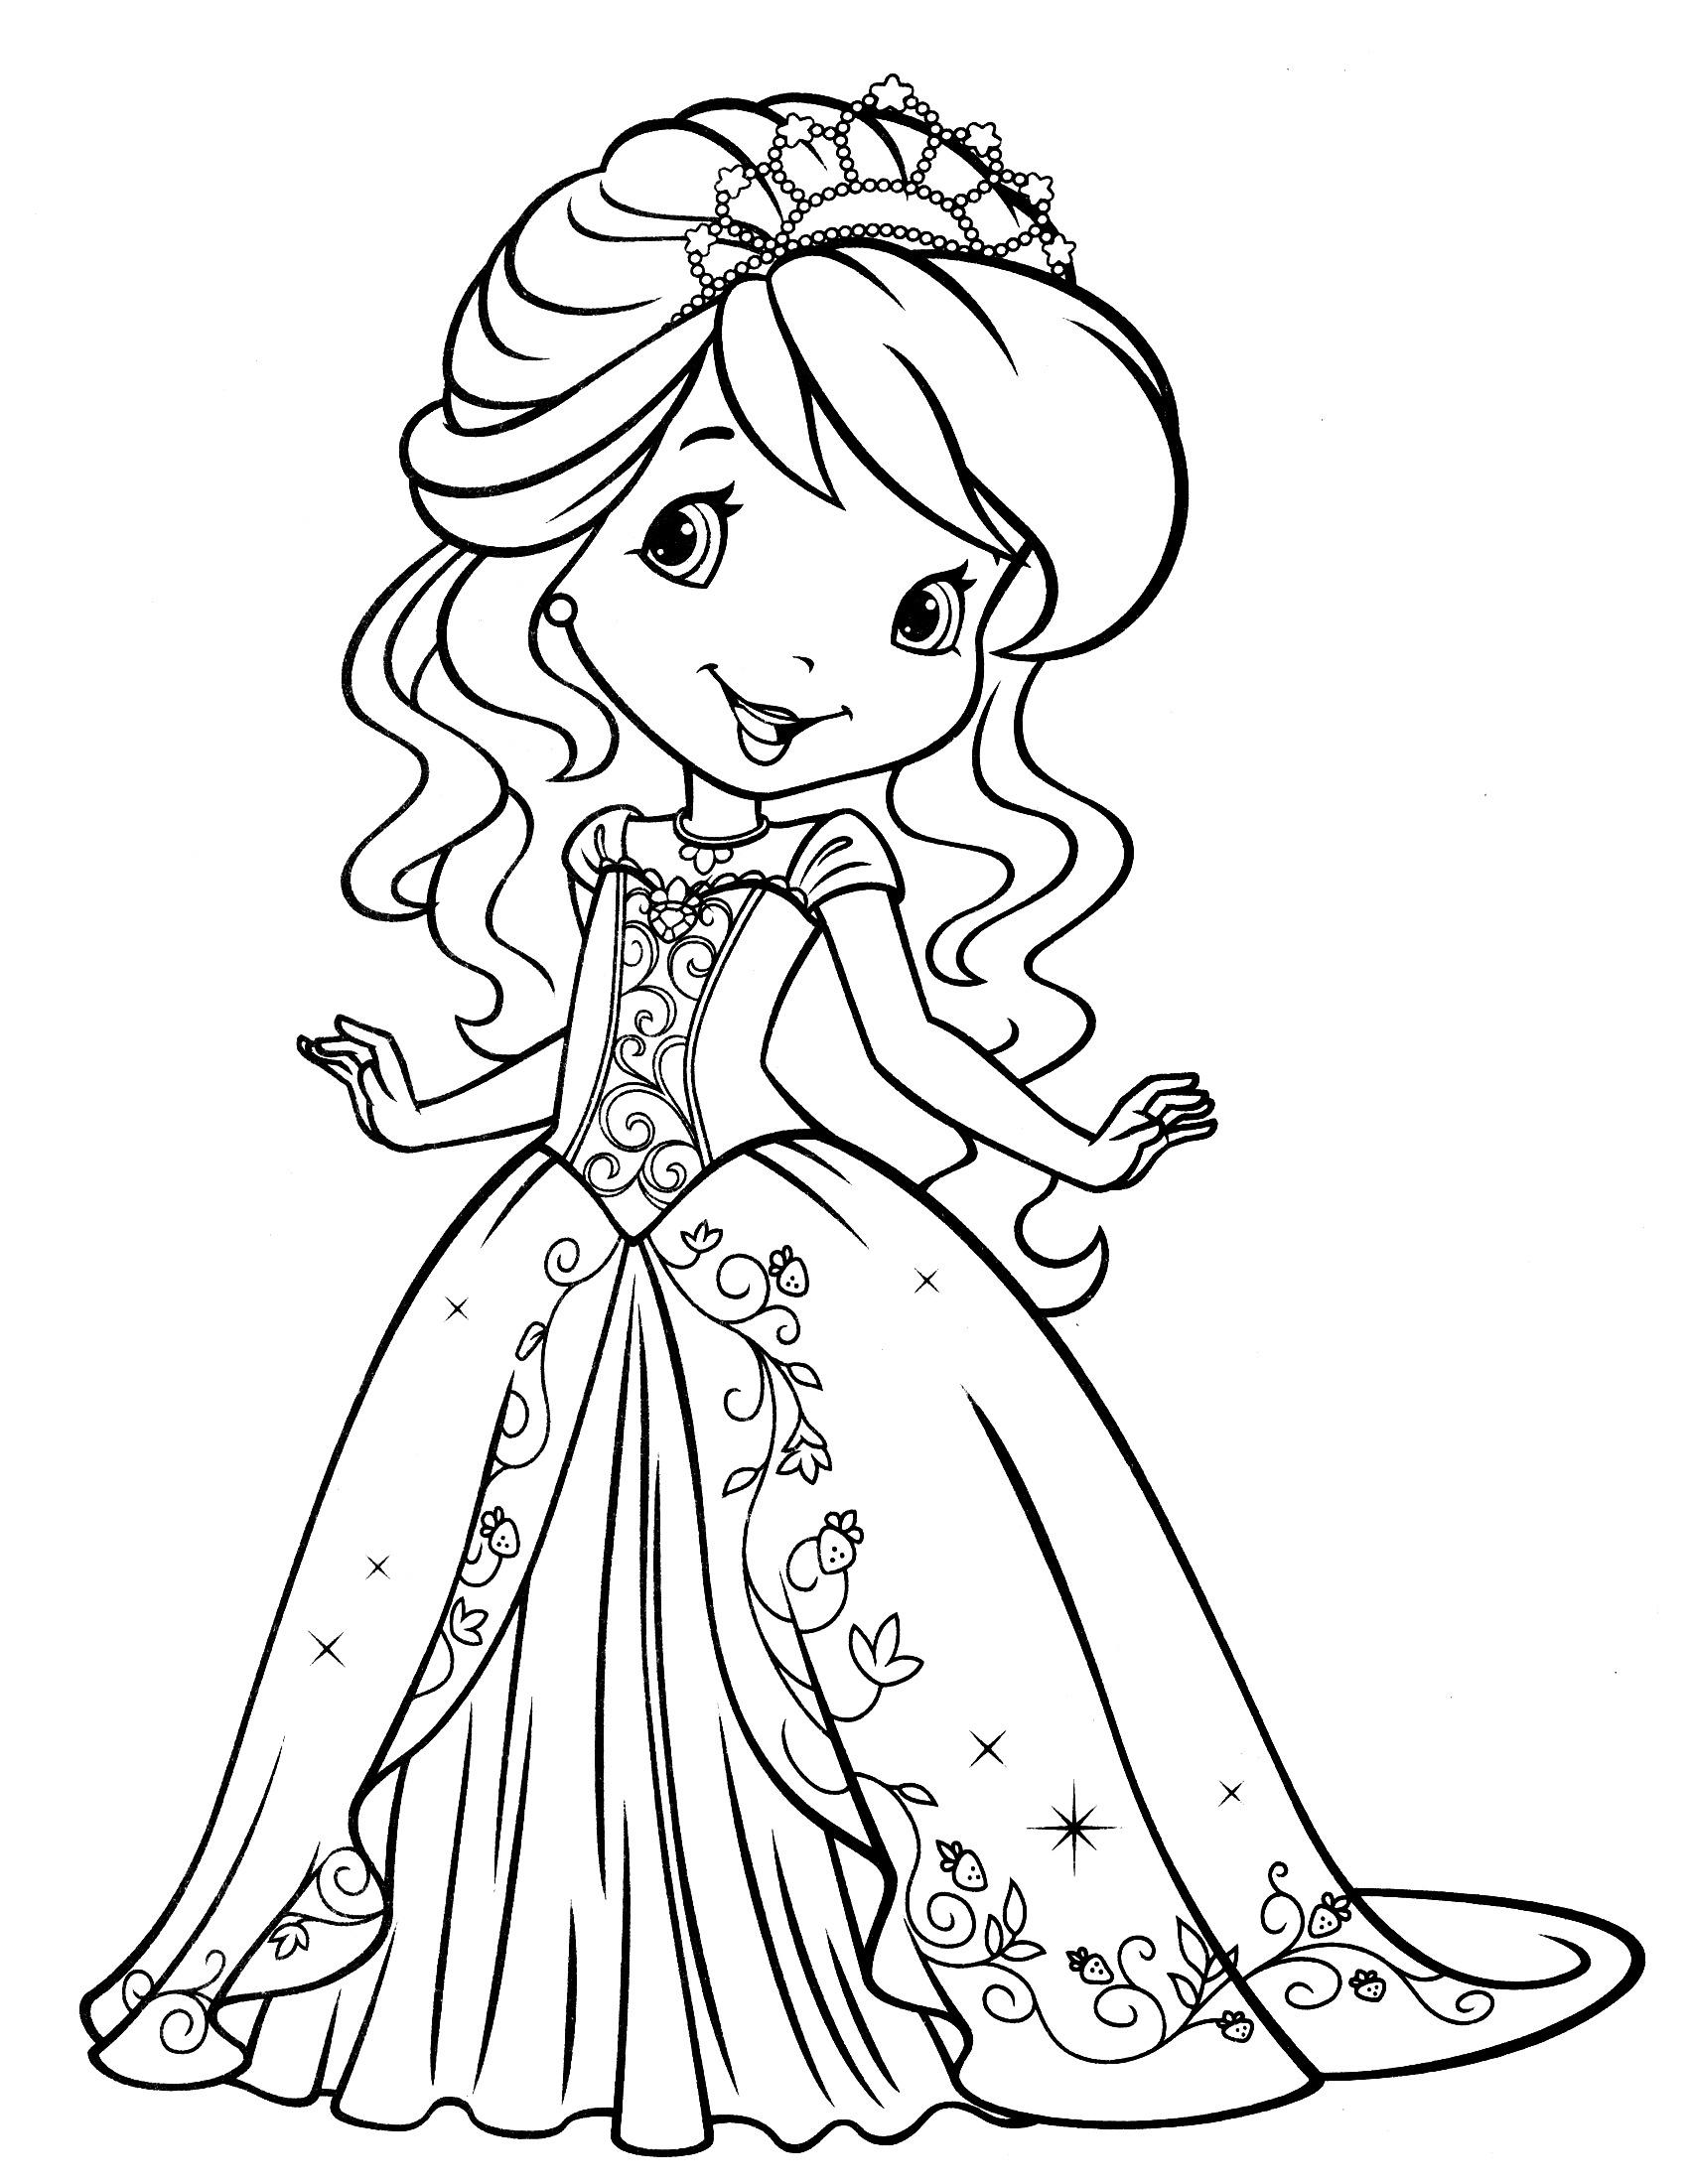 Desenho De Princesa Moranguinho Para Colorir Tudodesenhos